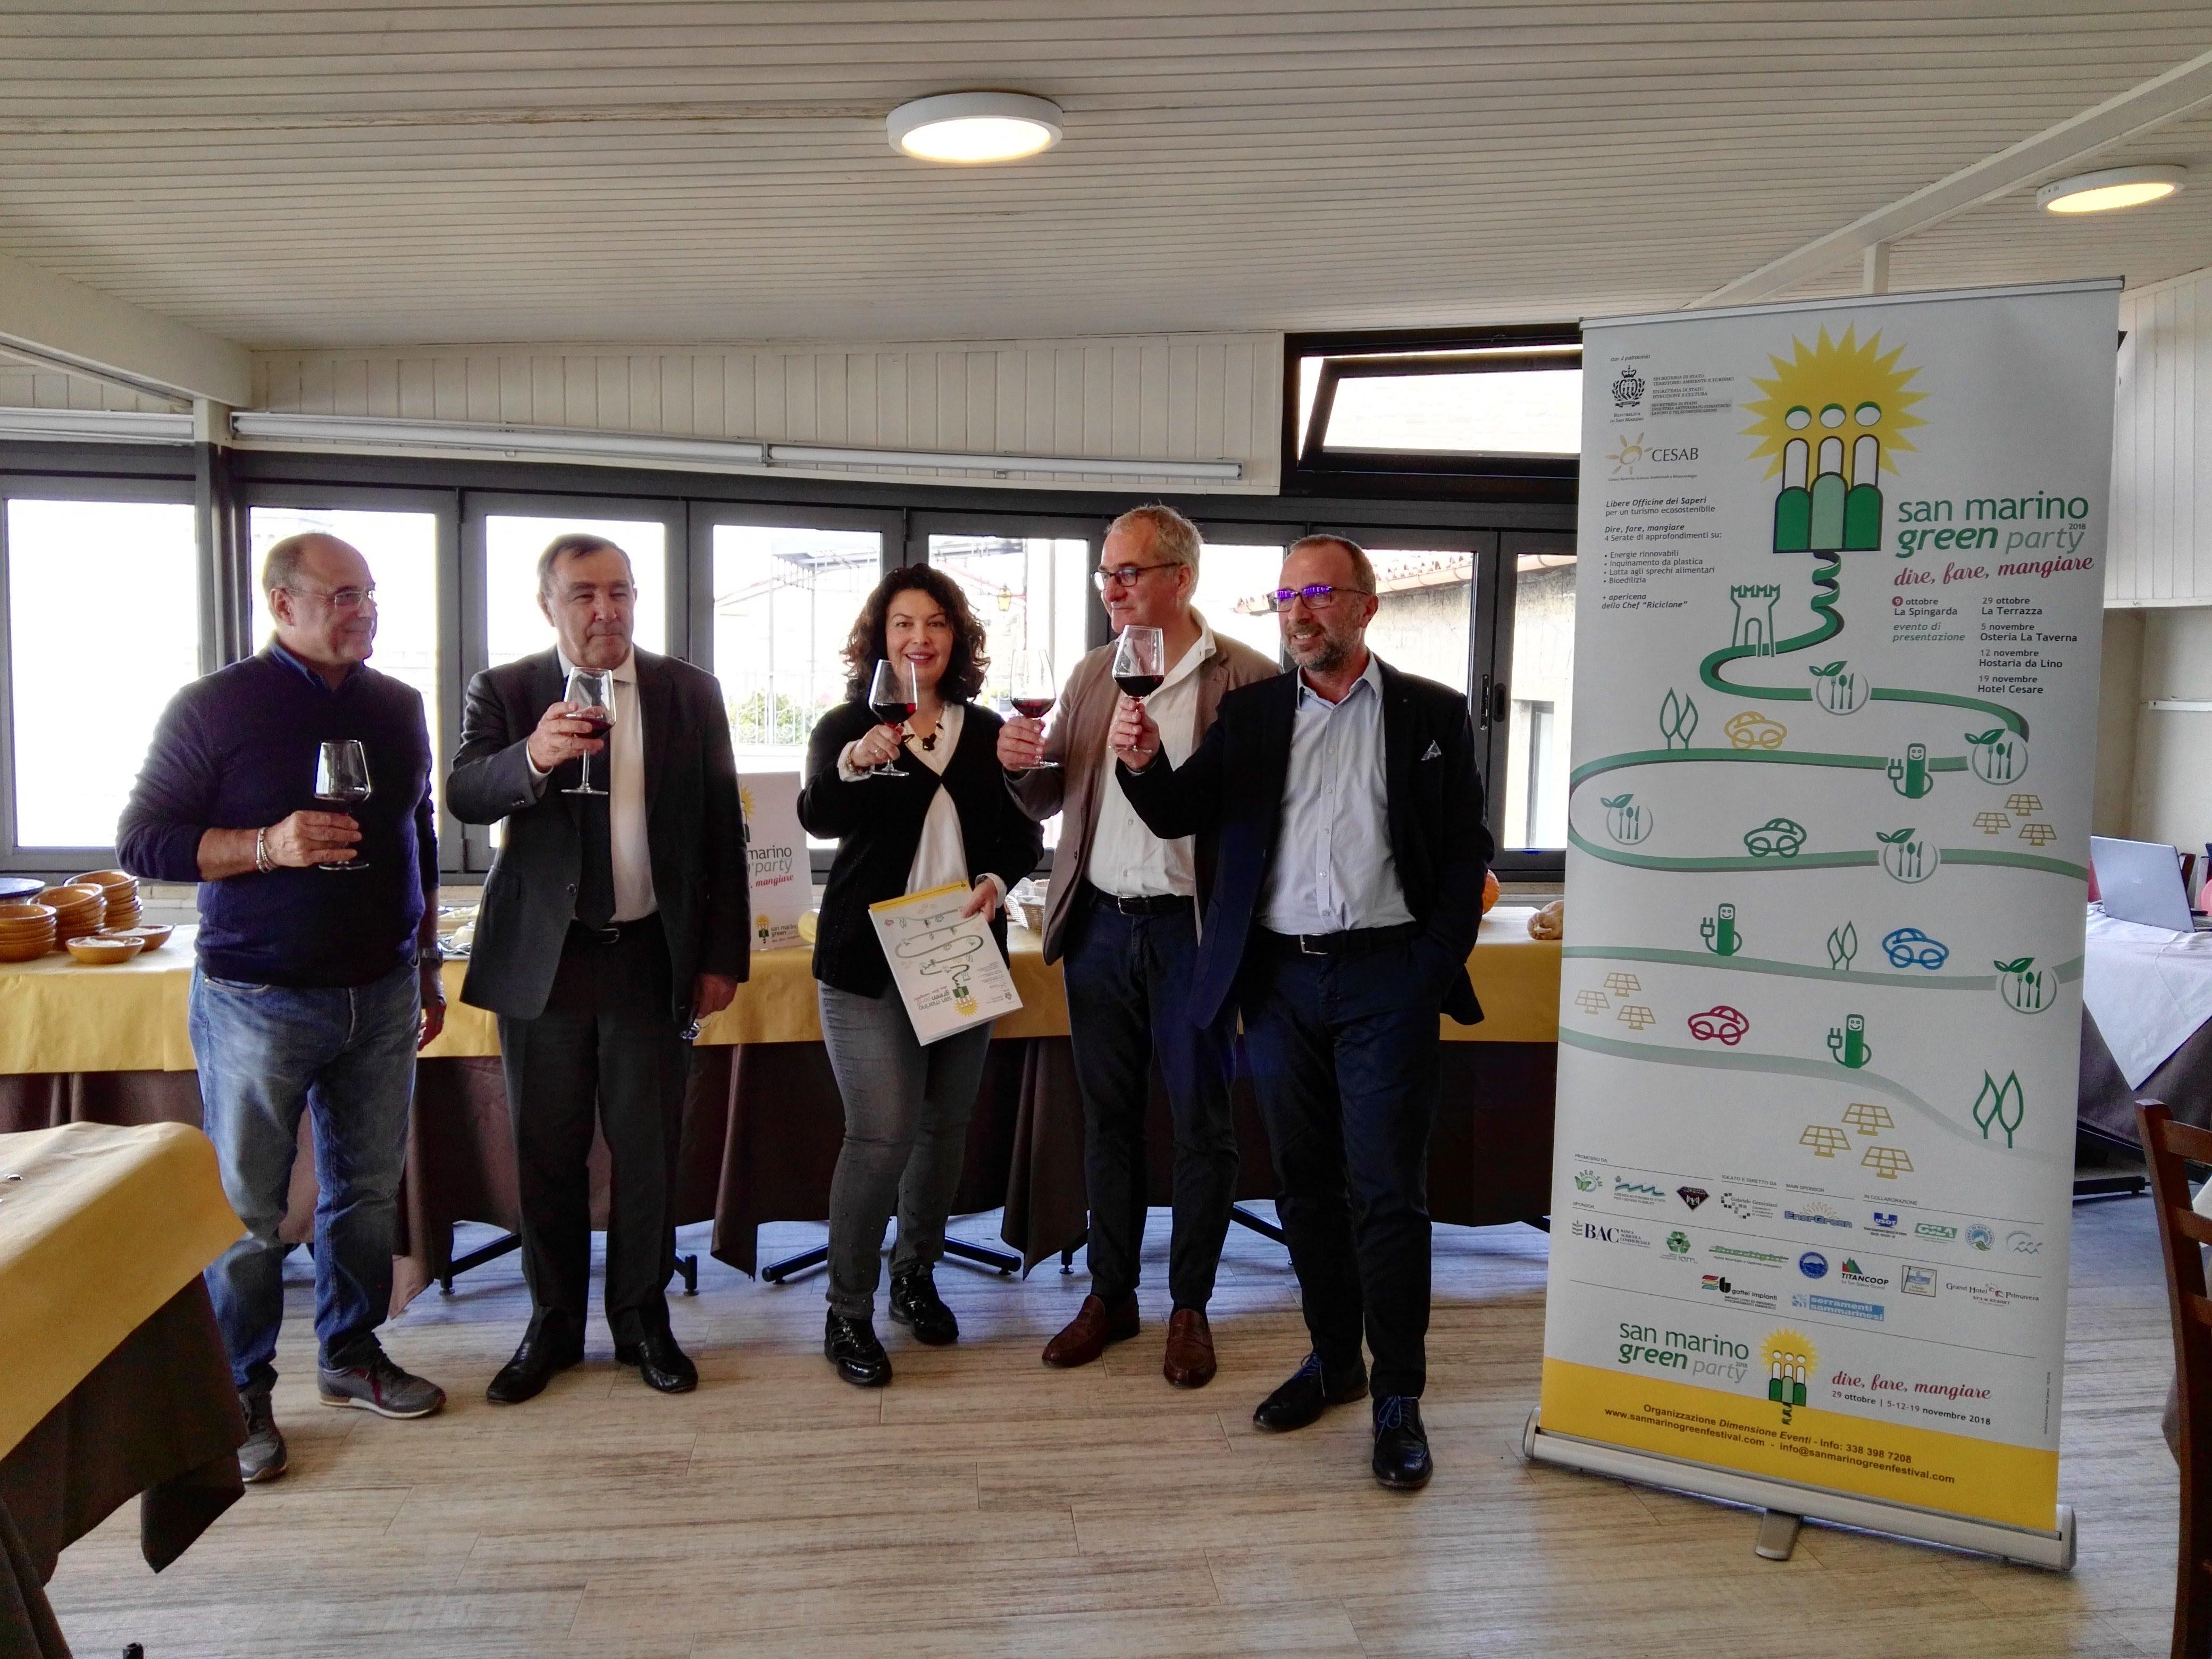 San Marino Green Party: aperitivi a tema sostenibilità